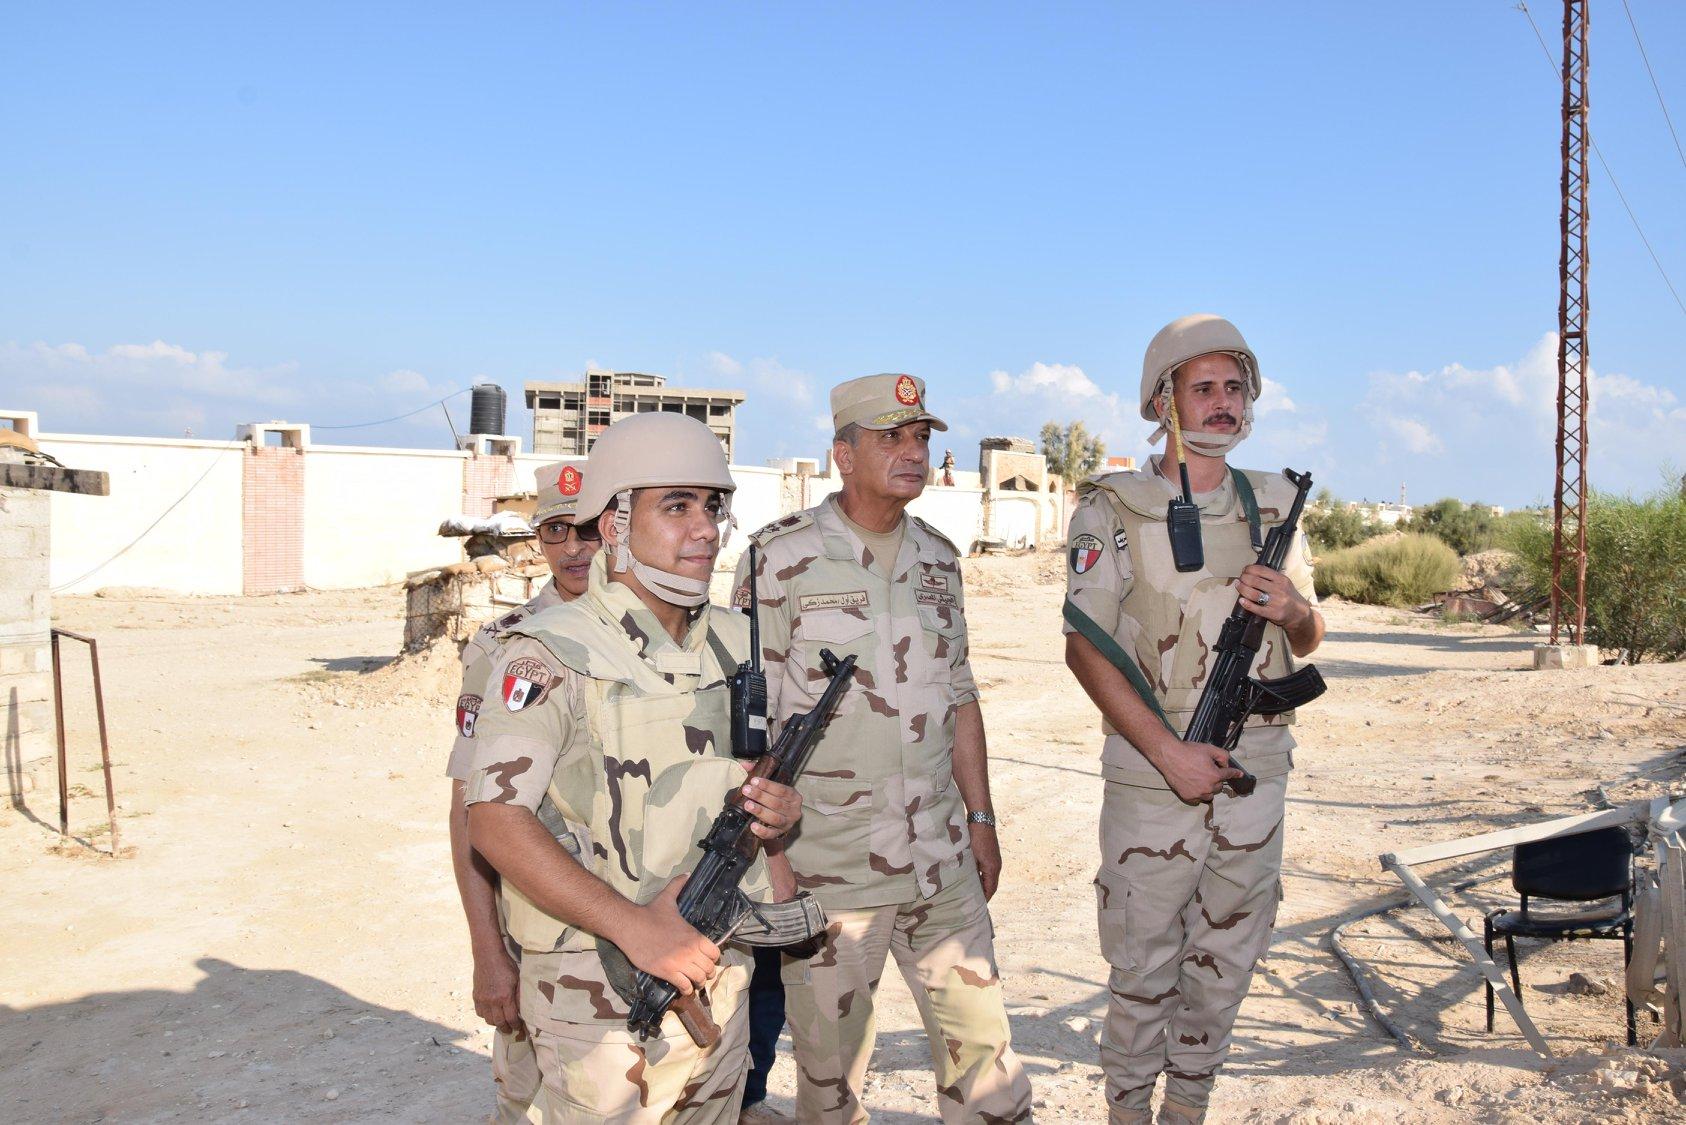 بالصور / وزير الدفاع يتفقد قوات تأمين شمال سيناء